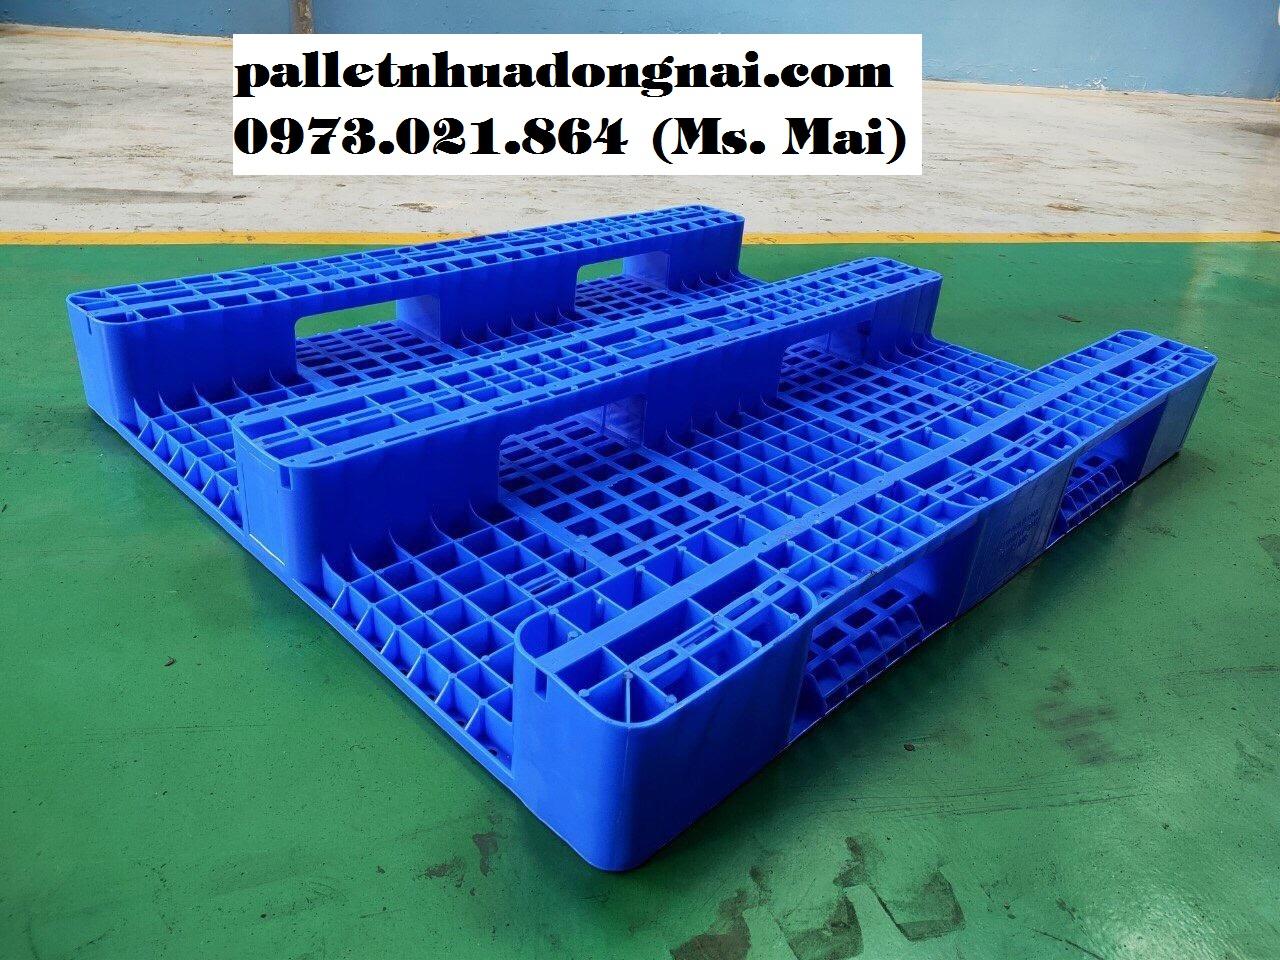 Pallet nhựa 1100x1300x150mm cũ mới với giá rẻ cạnh tranh